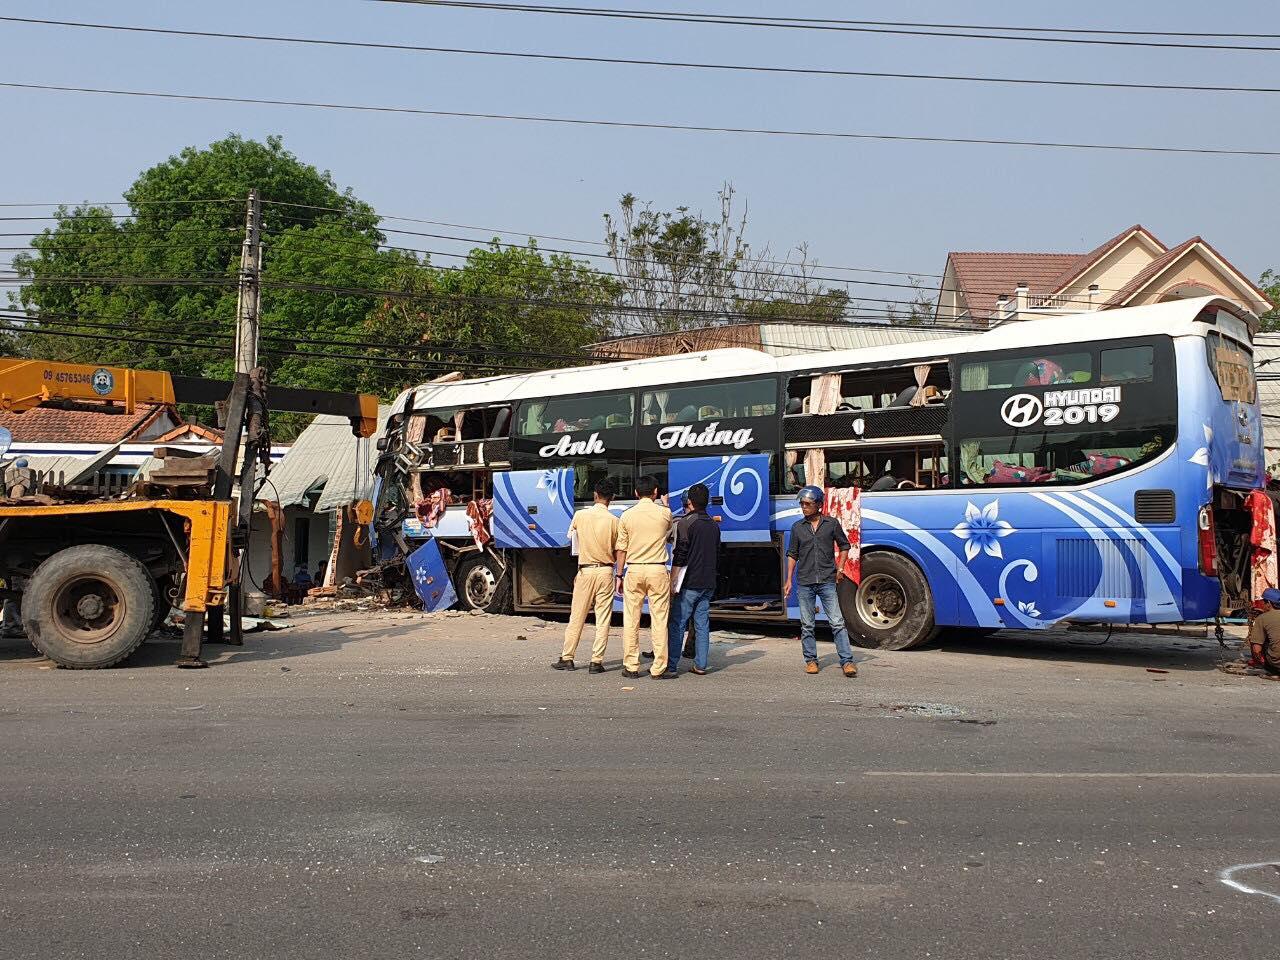 Lực lượng chức năng tiến hành đưa xe khách rời khỏi hiện trường vụ tai nạn